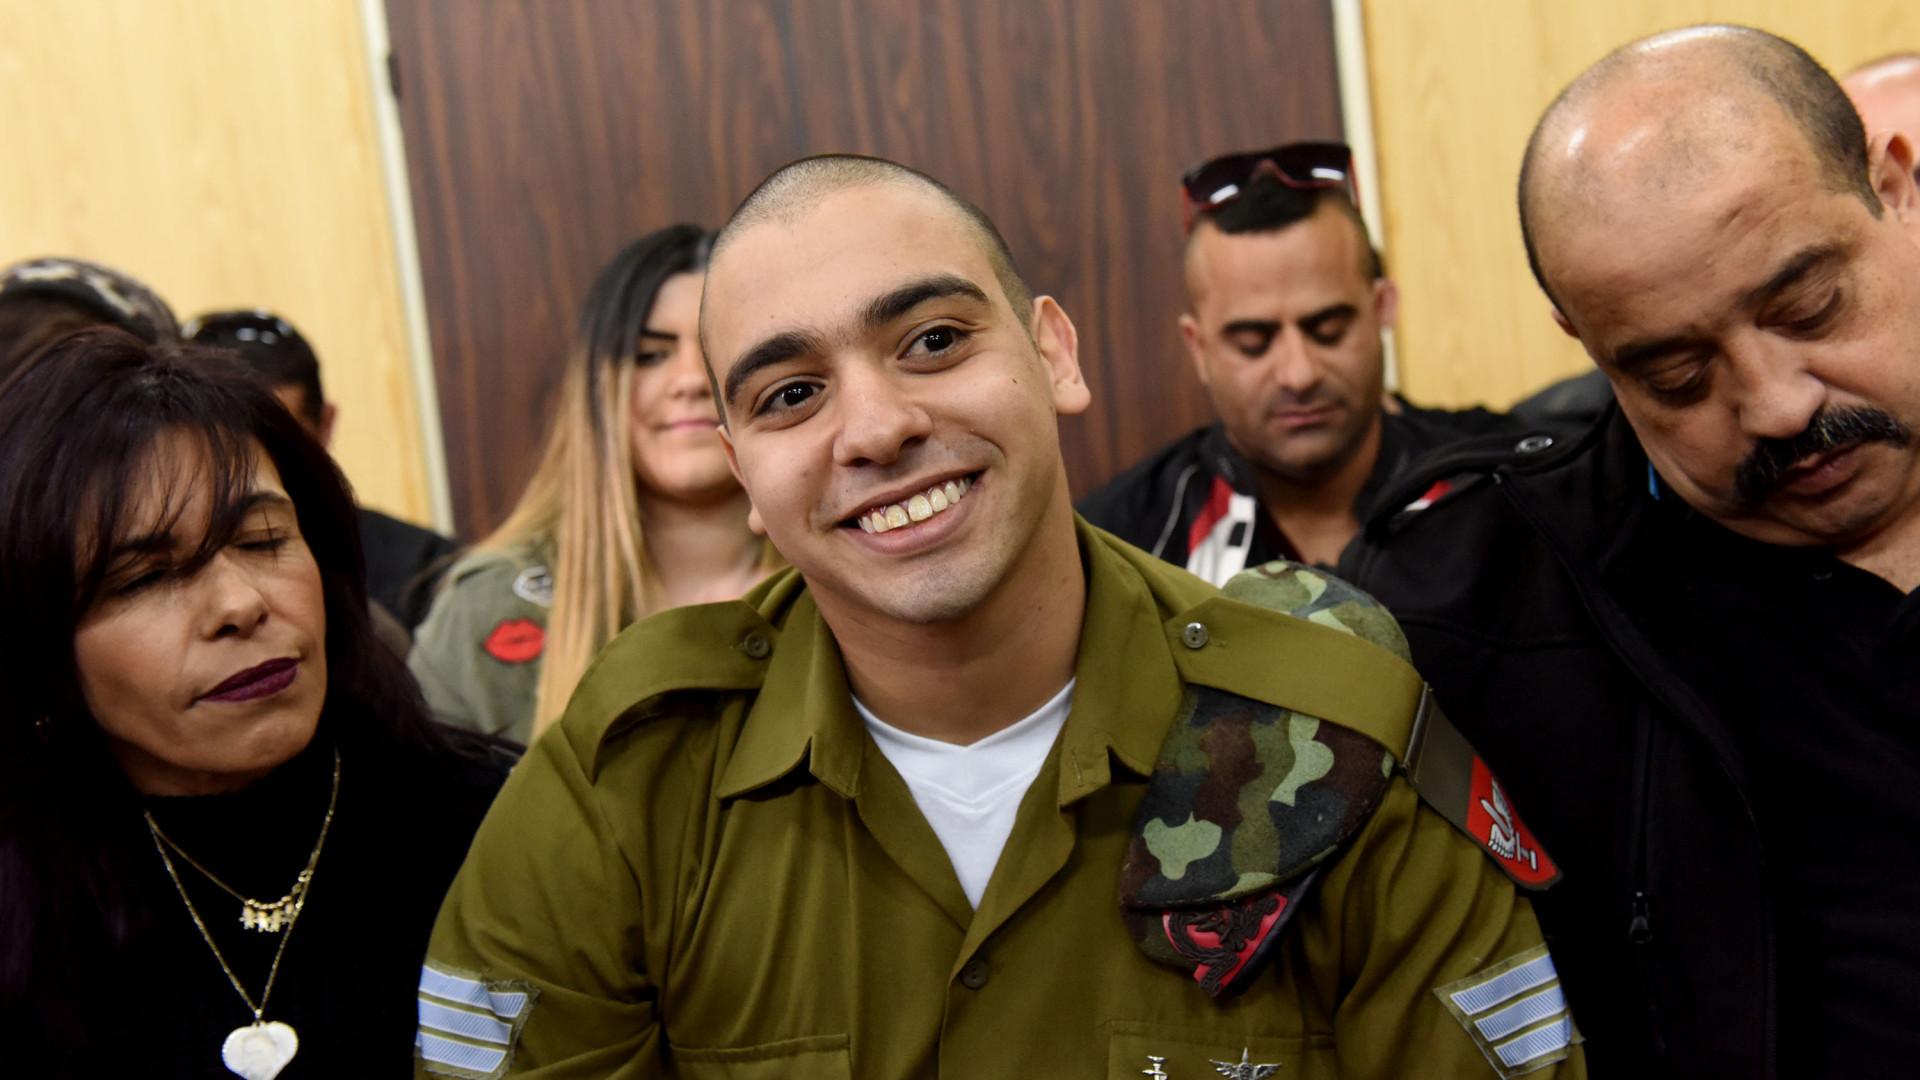 Libertado soldado israelita que abateu palestiniano a sangue frio